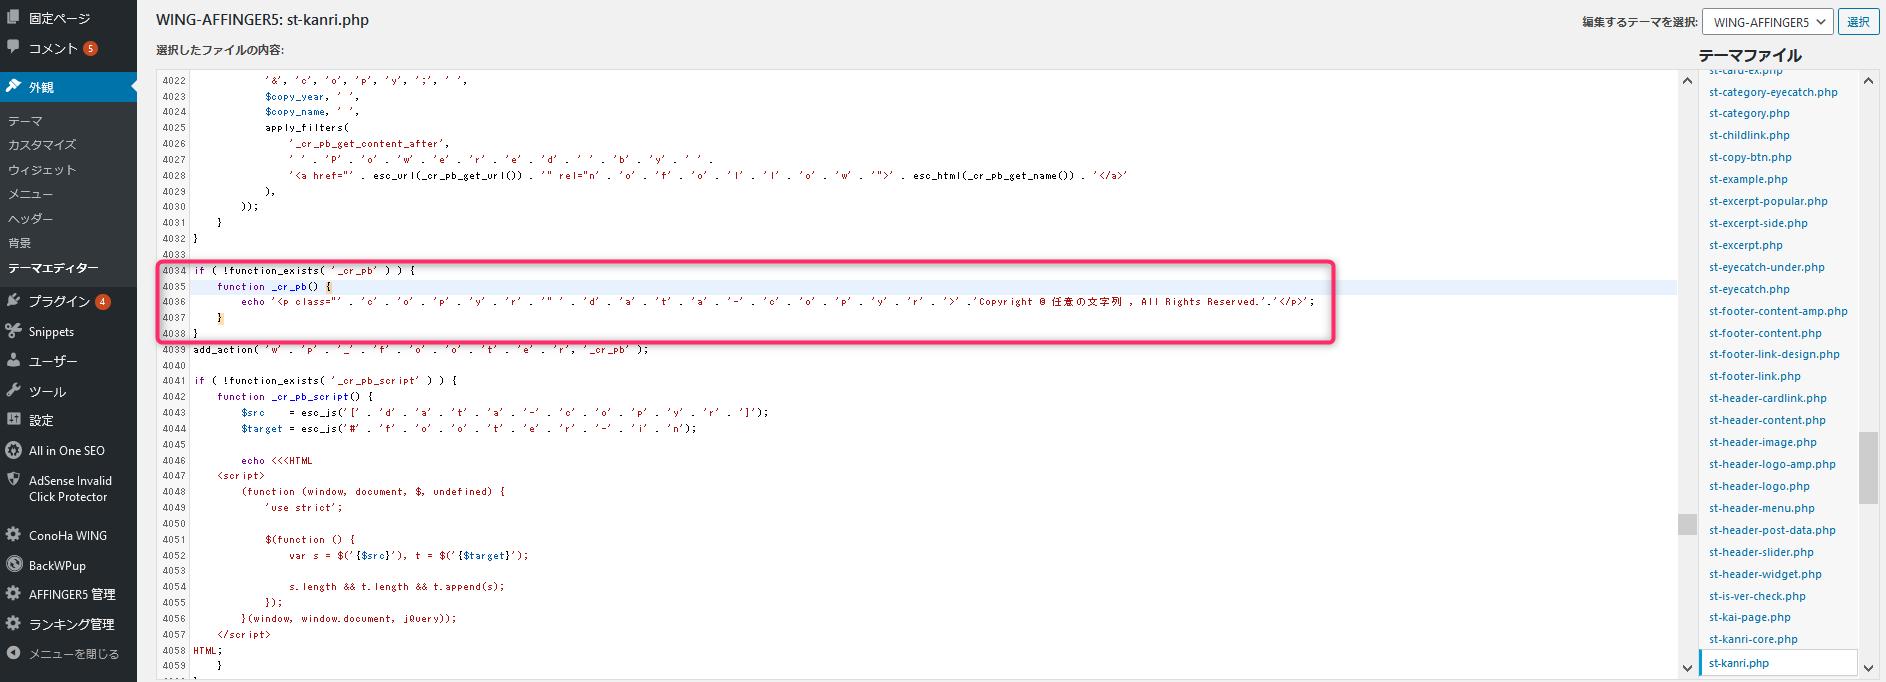 コピーライトの変更をst-kanri.phpファイルを変更して行う